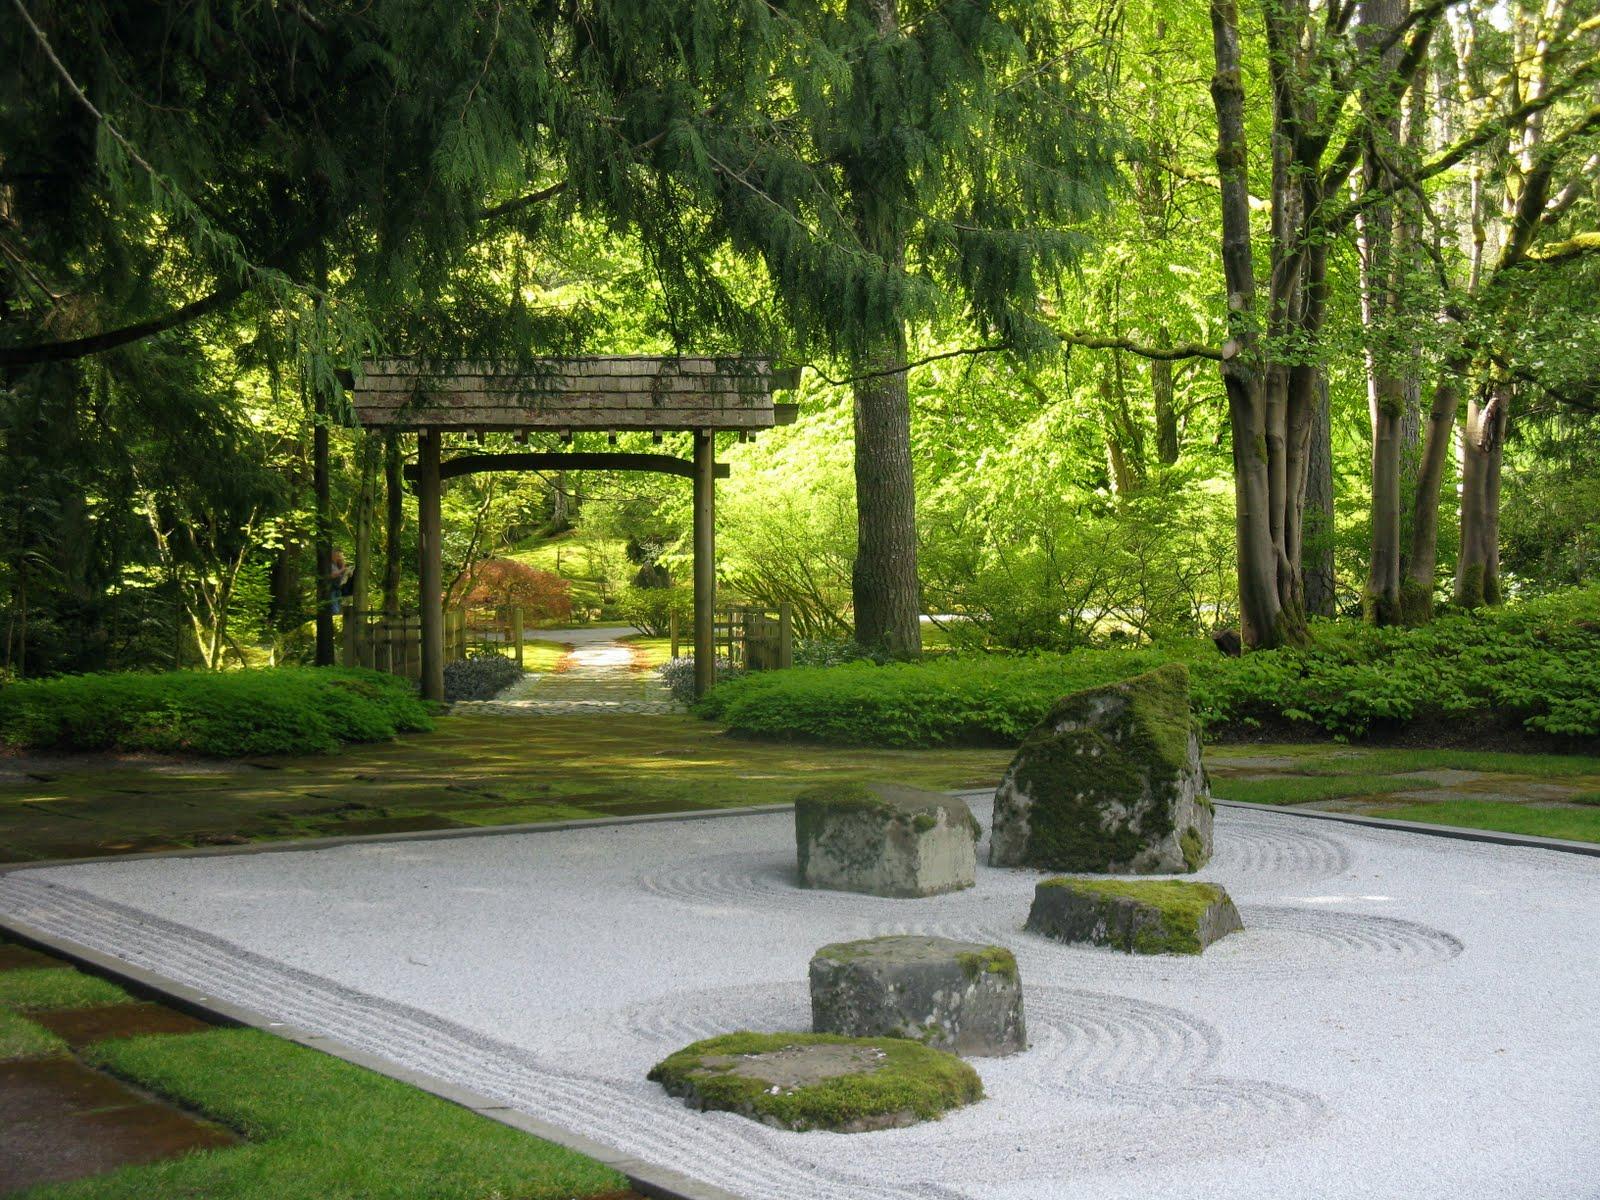 Zen Garden Wallpaper HD 10 Freetopwallpapercom 1600x1200